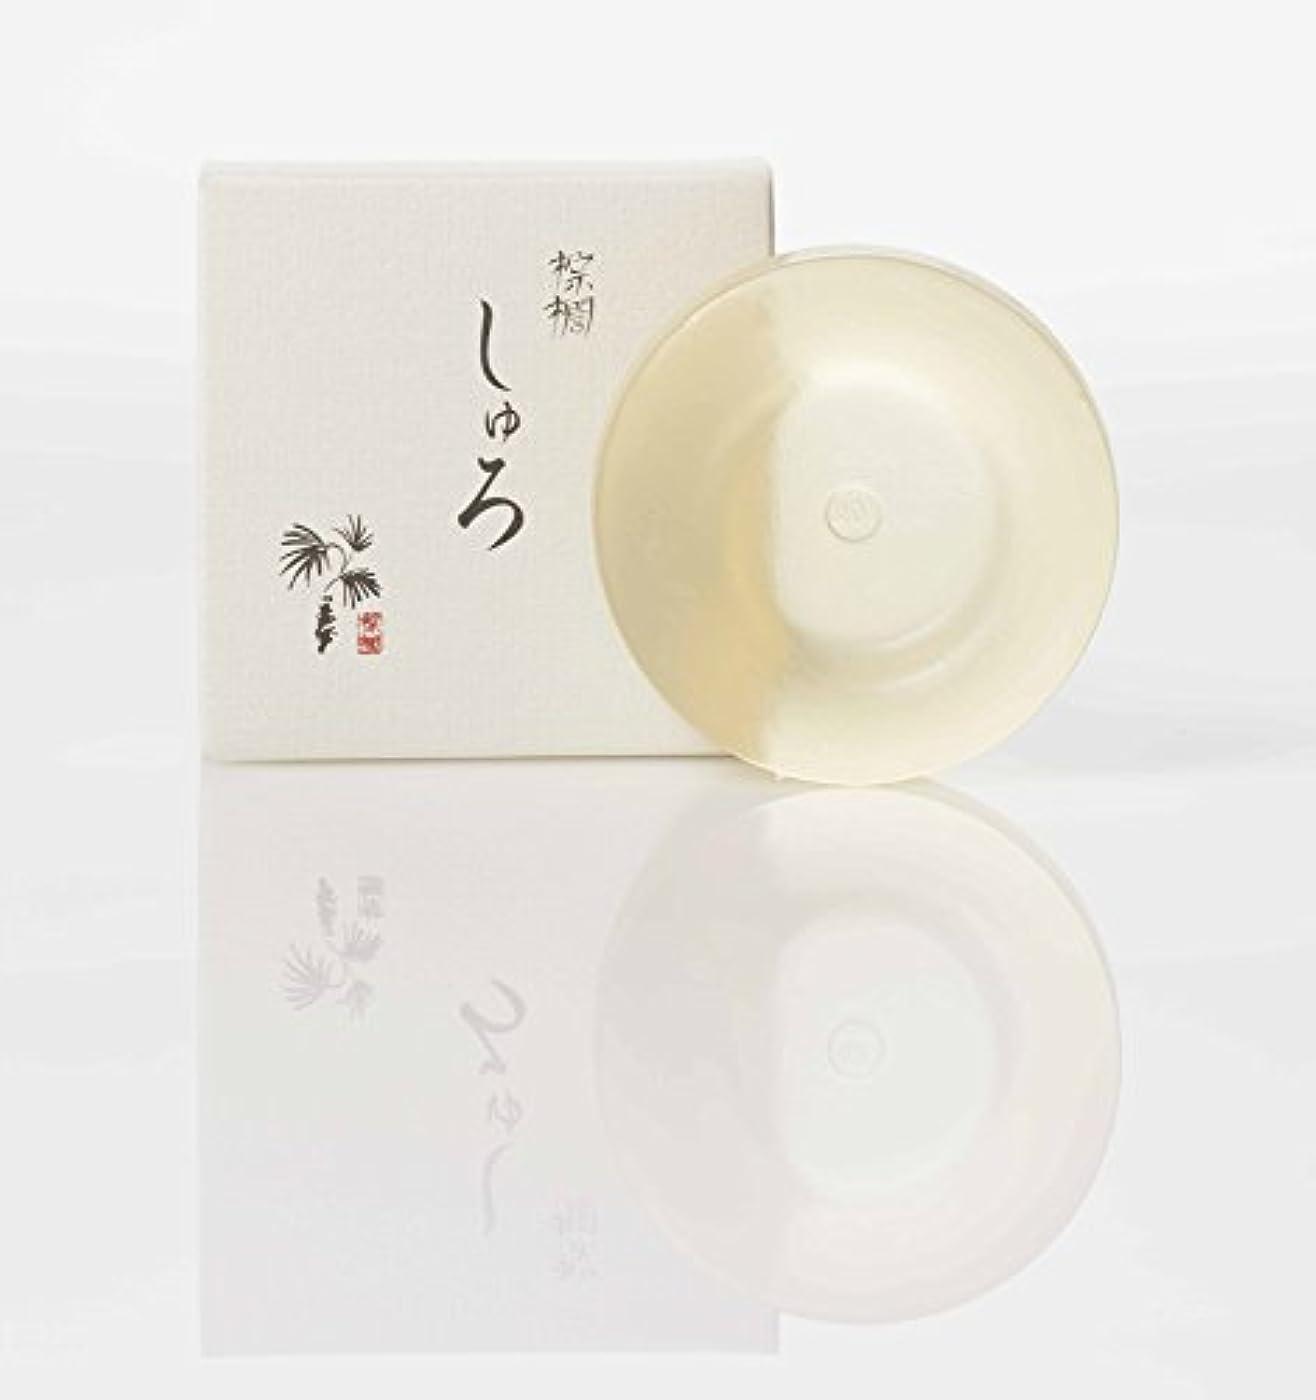 ステレオバルコニー夜しゅろ 洗顔せっけん 固形 ソープ 無添加 凝固剤不使用 60g